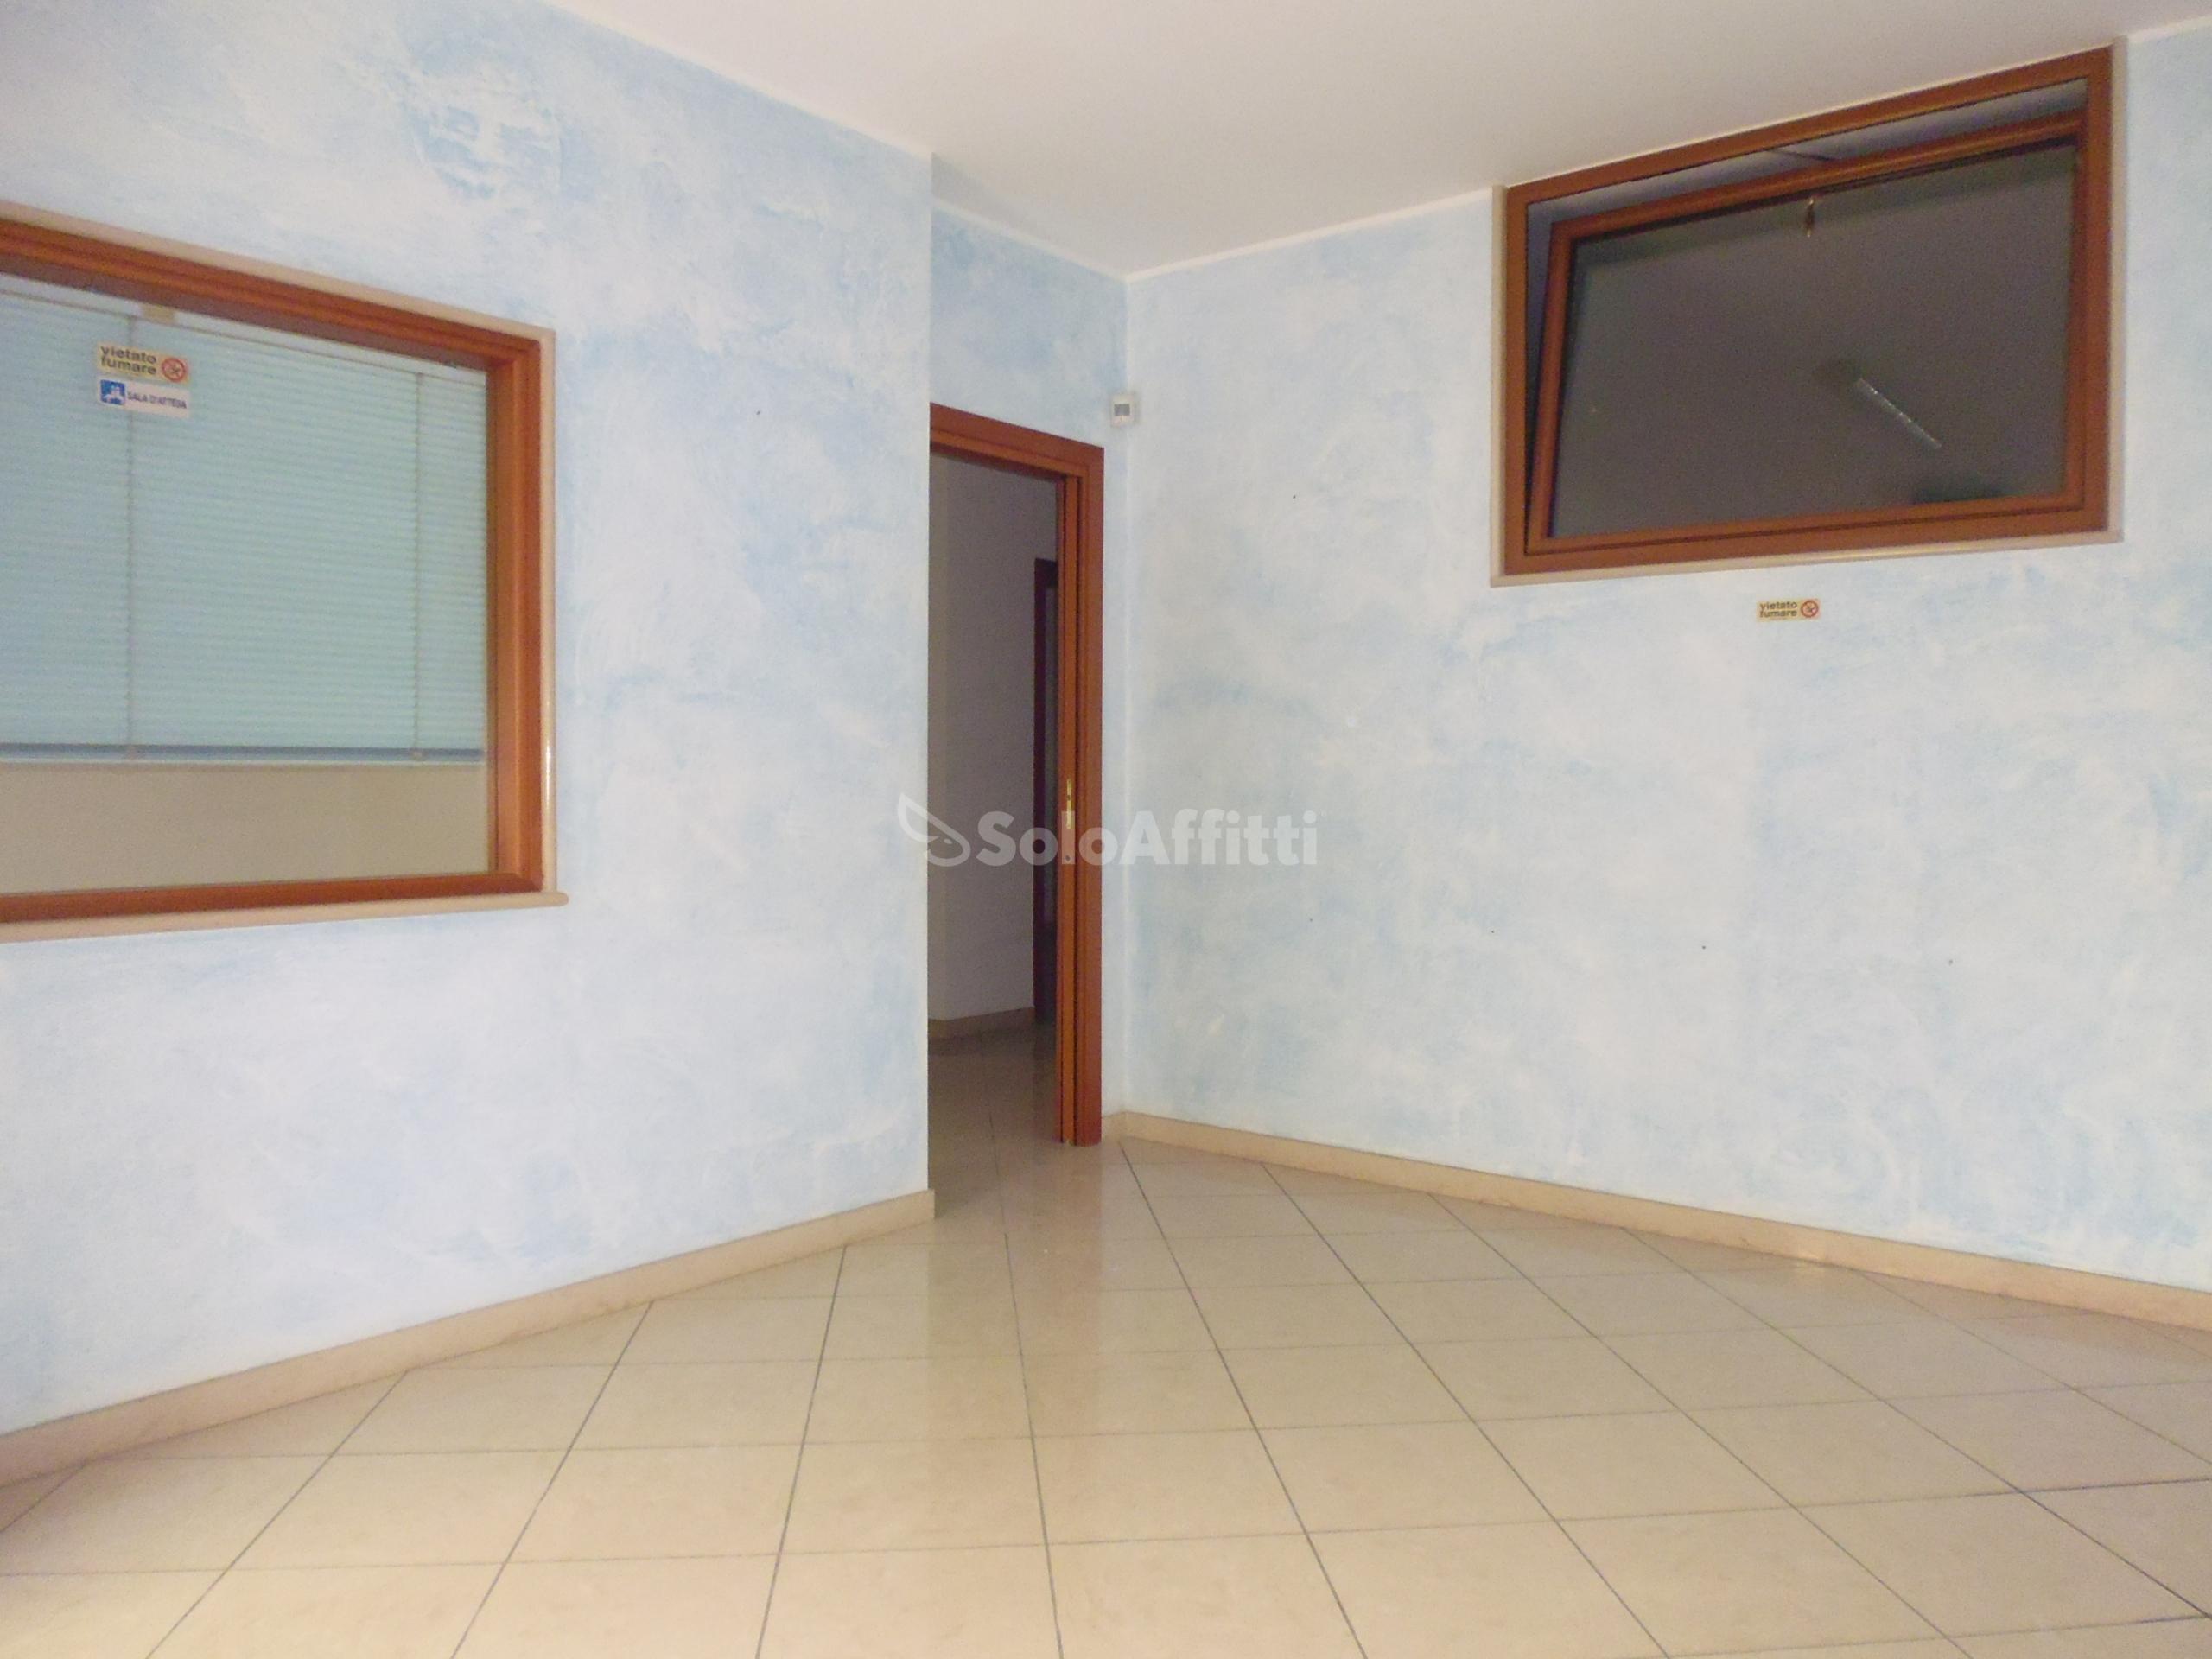 Ufficio Casa Barletta : Immobili in affitto barletta case uffici e negozi in affitto